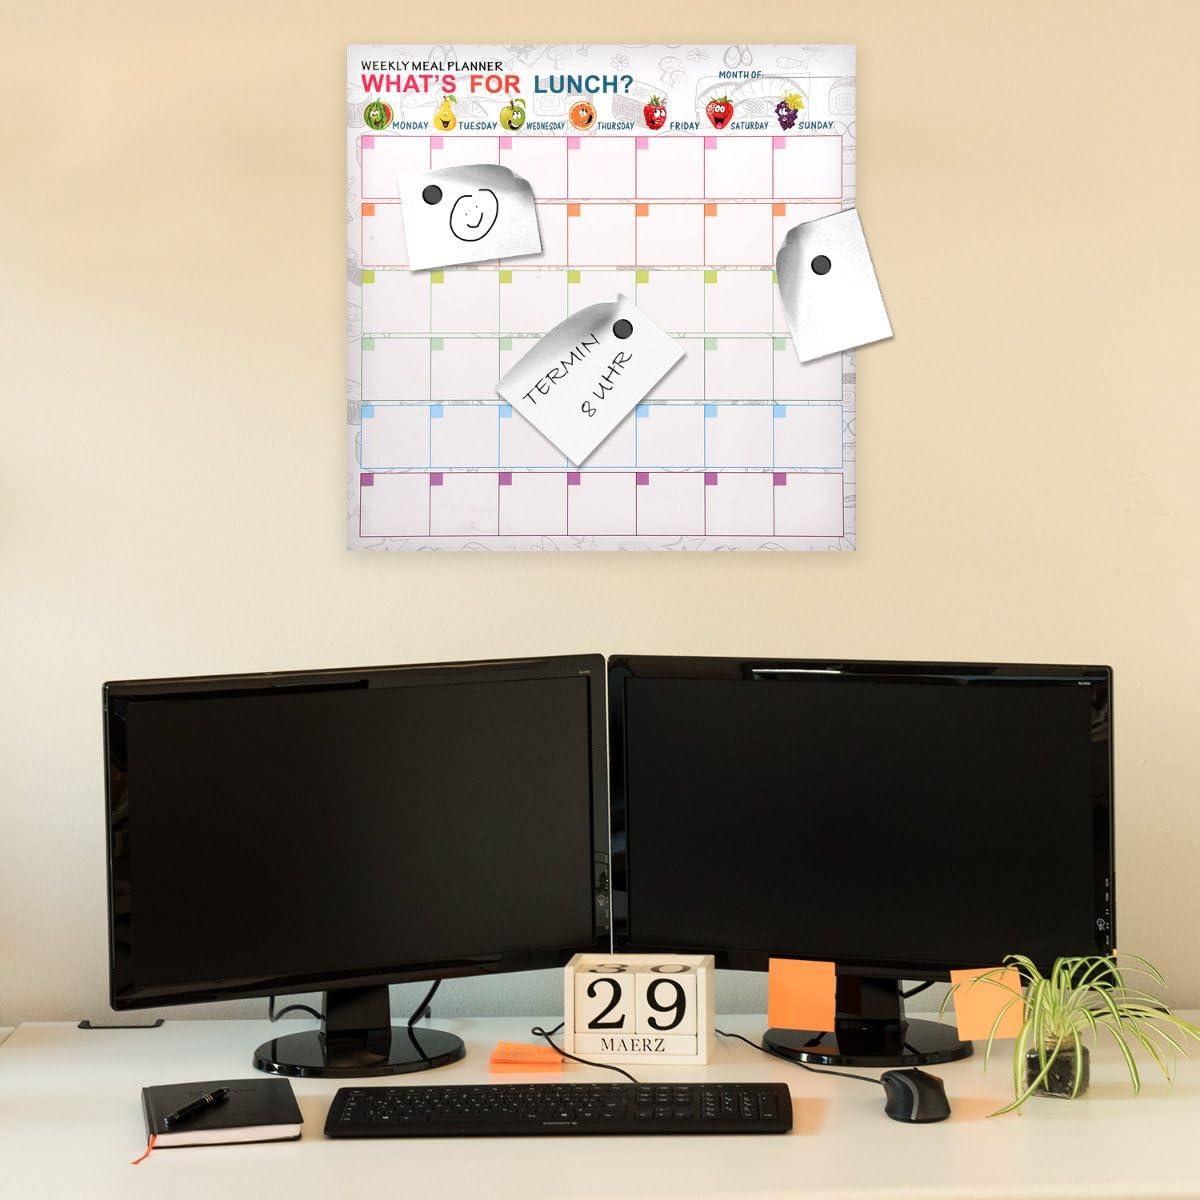 lavagnetta scrivibile cancellabile con Pennarello e Calamite bacheca 40x40 cm Stile Chevron Navaris Memo Board Lavagna Magnetica Diversi Design